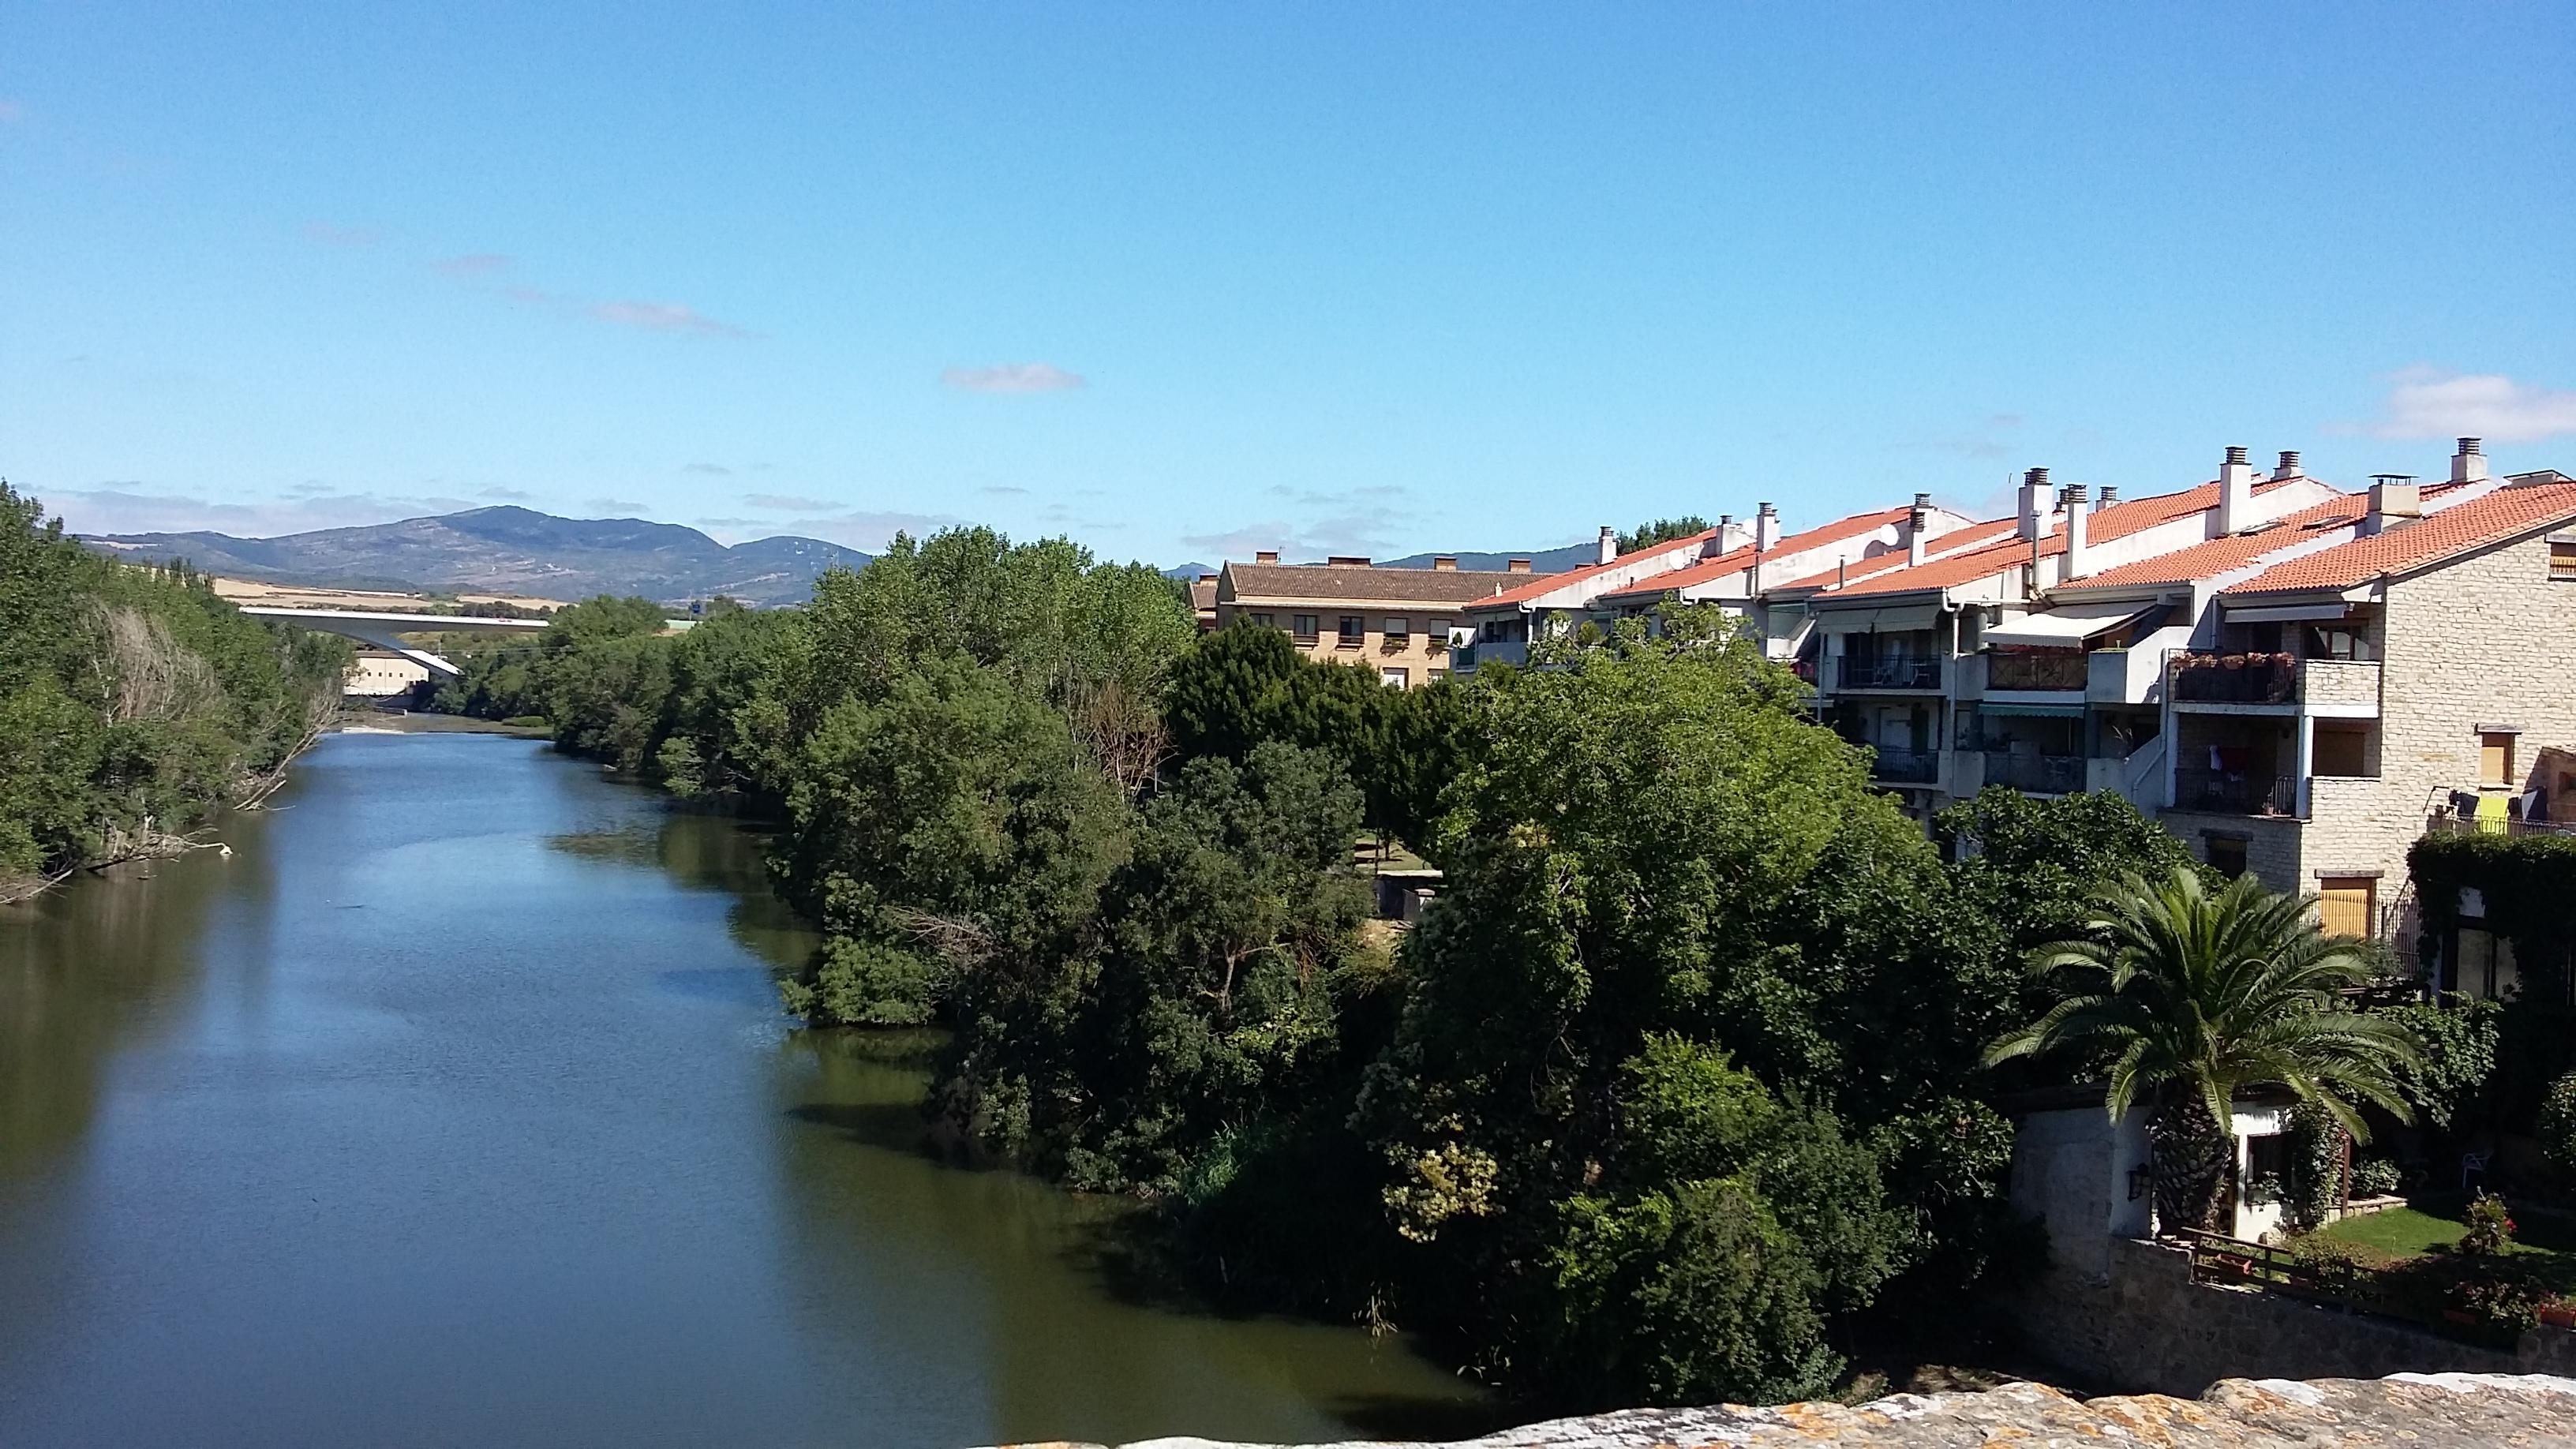 Puente la Reina. Kilátás a hídról.